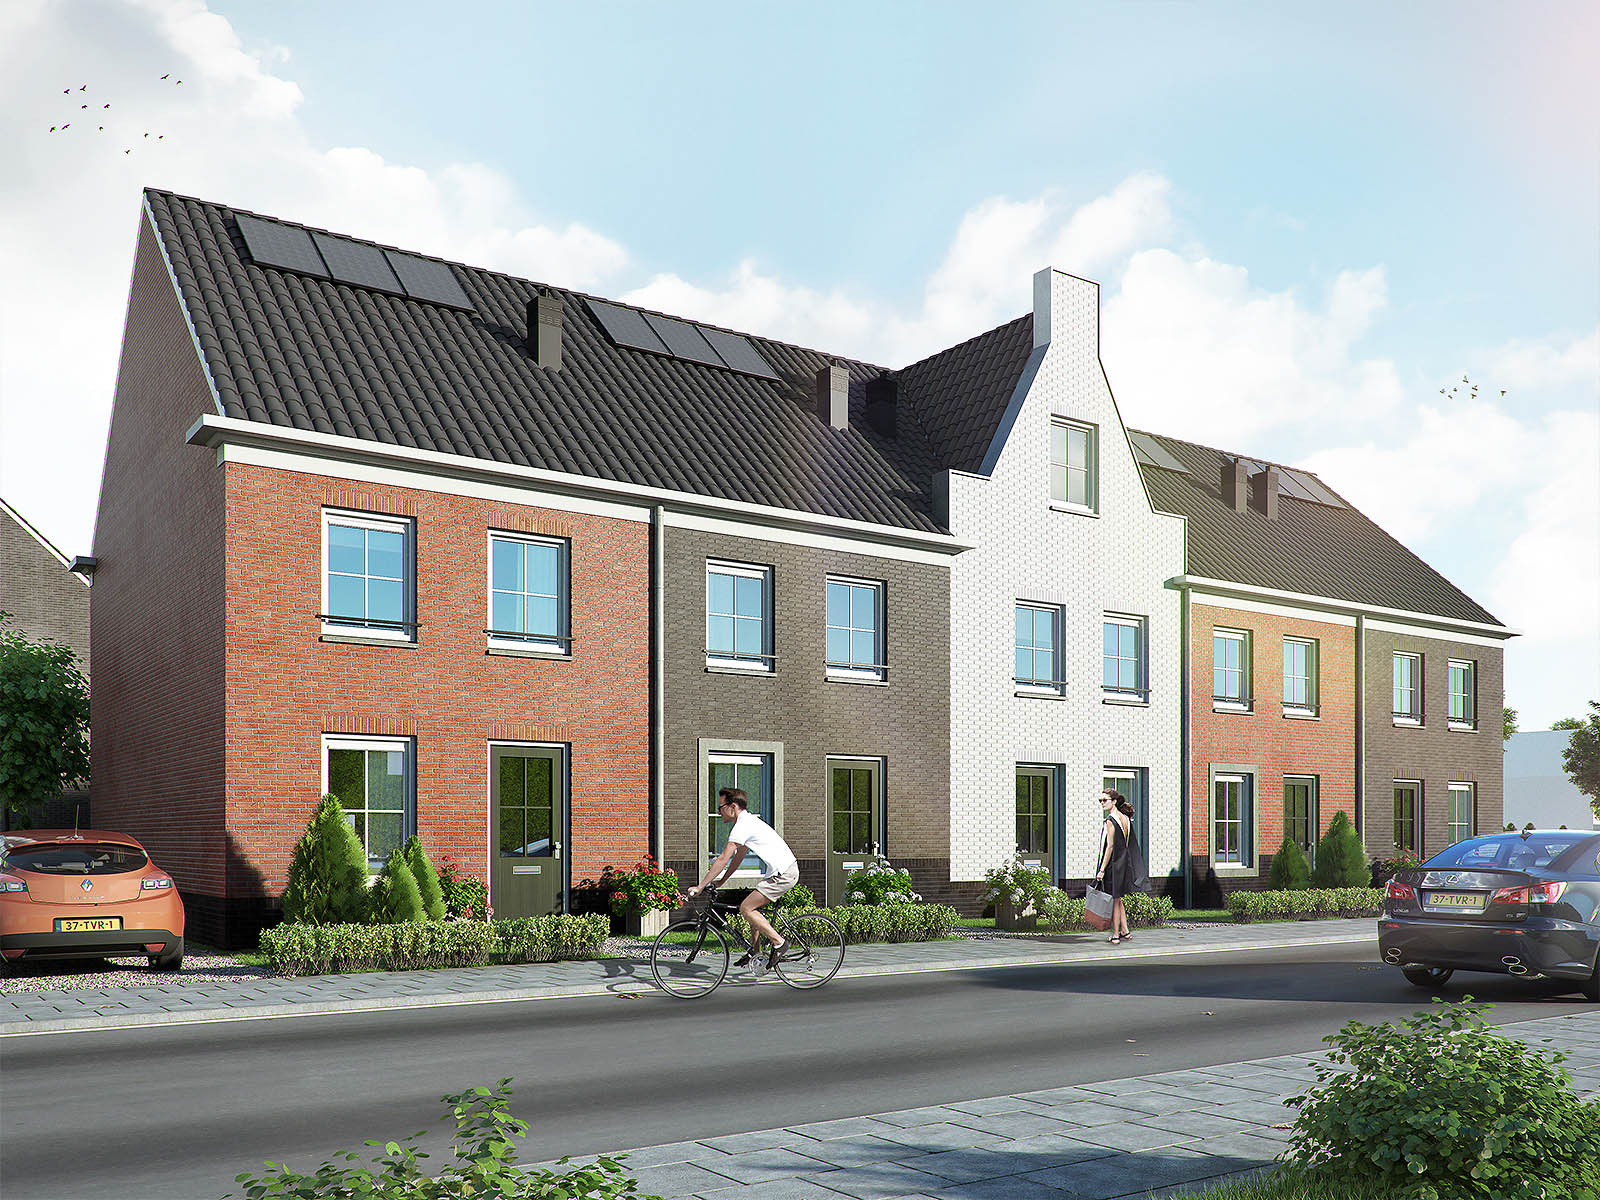 Exterieur beelden /DWanimations / Hollands wonen